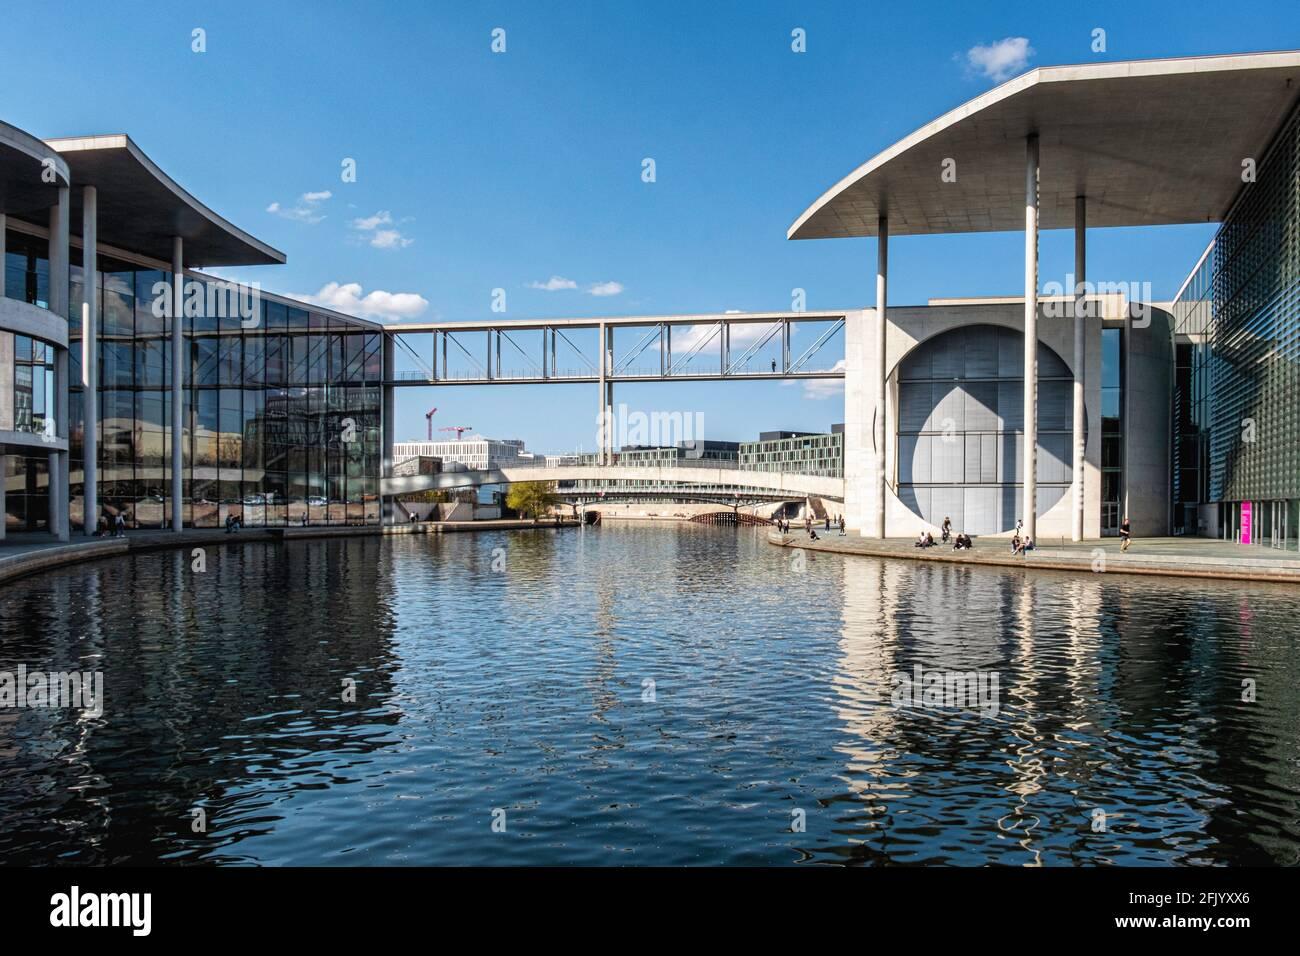 Vue sur la rivière Spree avec pont piétonnier reliant Marie Elisabeth Lüders House & Paul Löbe House, Mitte, Berlin Banque D'Images